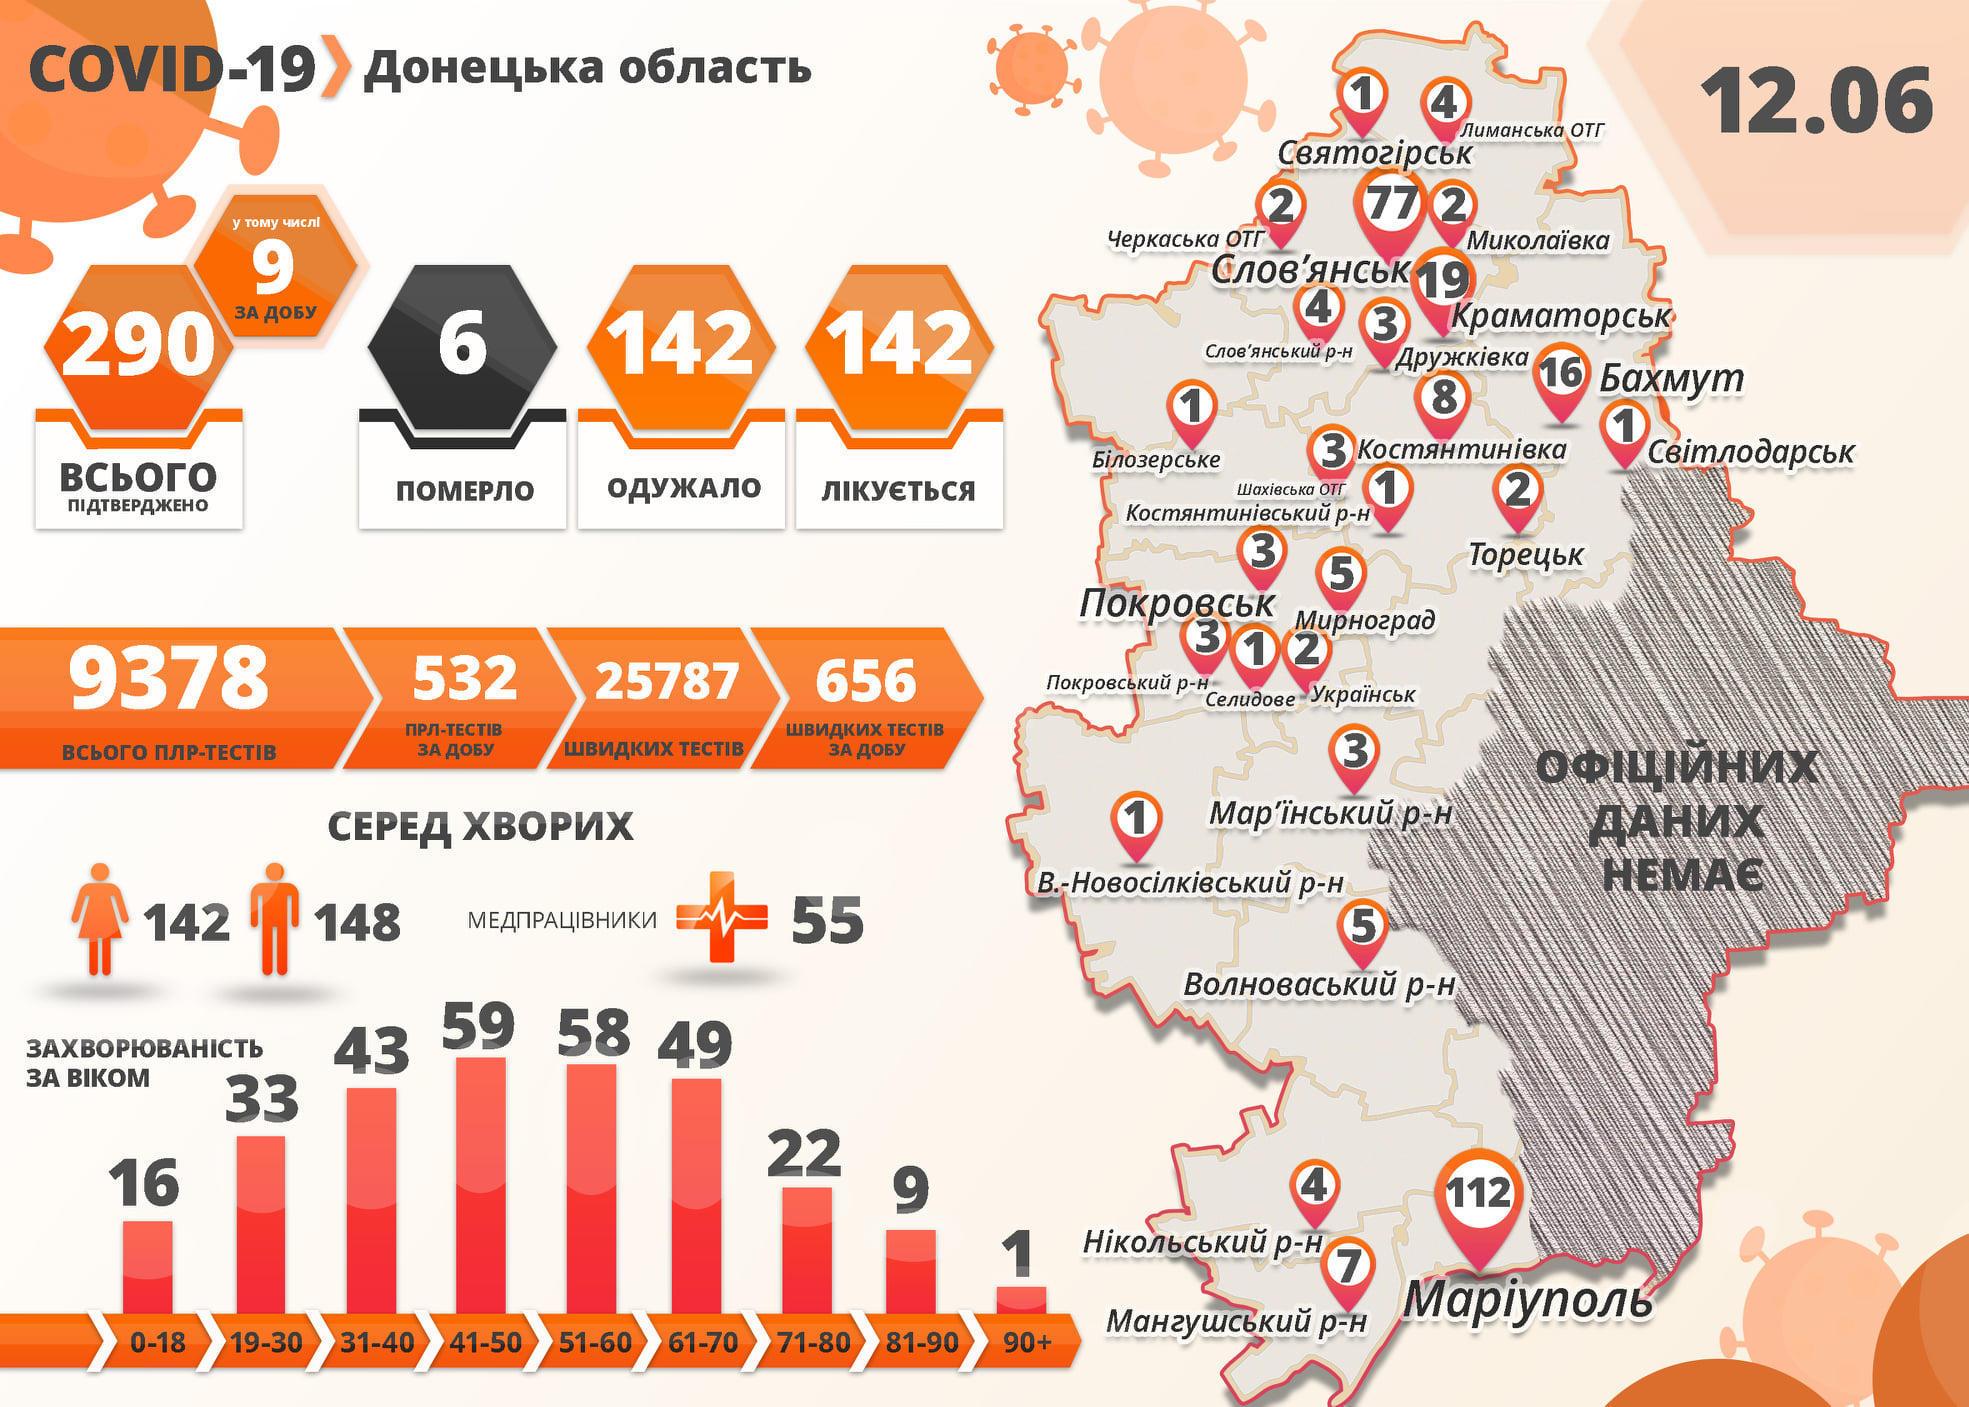 На підконтрольній Донеччині +9 хворих на коронавірус за добу. 3 з них медпрацівники